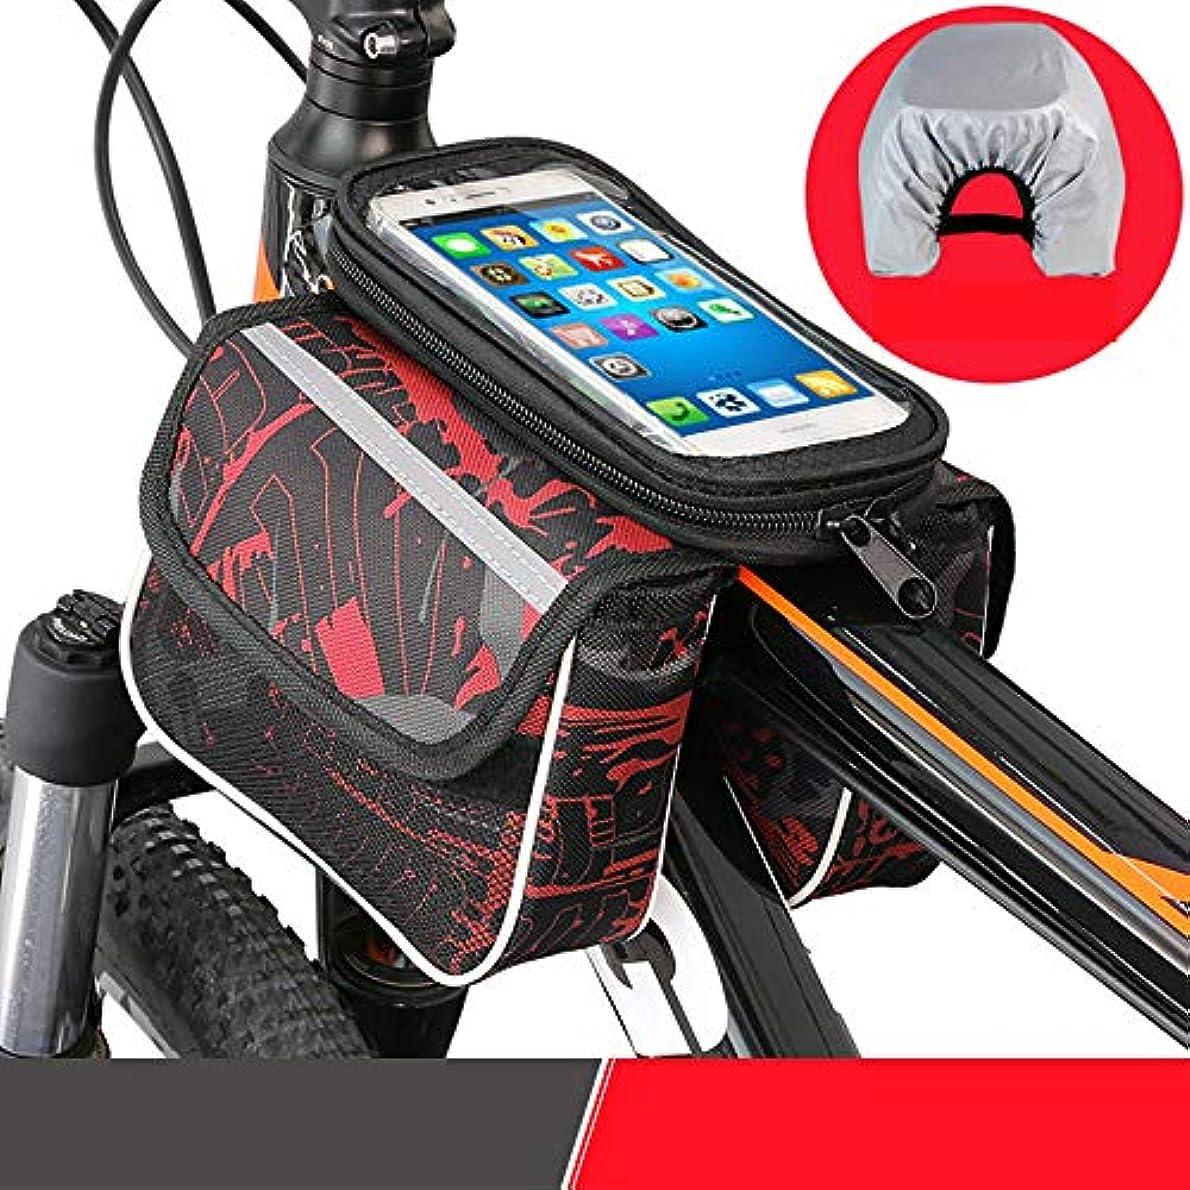 作り上げる速度ラオス人自転車フレームバッグ自転車スマートフォンブラケットサドルバッグ収納ライディング機器アクセサリーロードバイク携帯電話バッグ迷彩